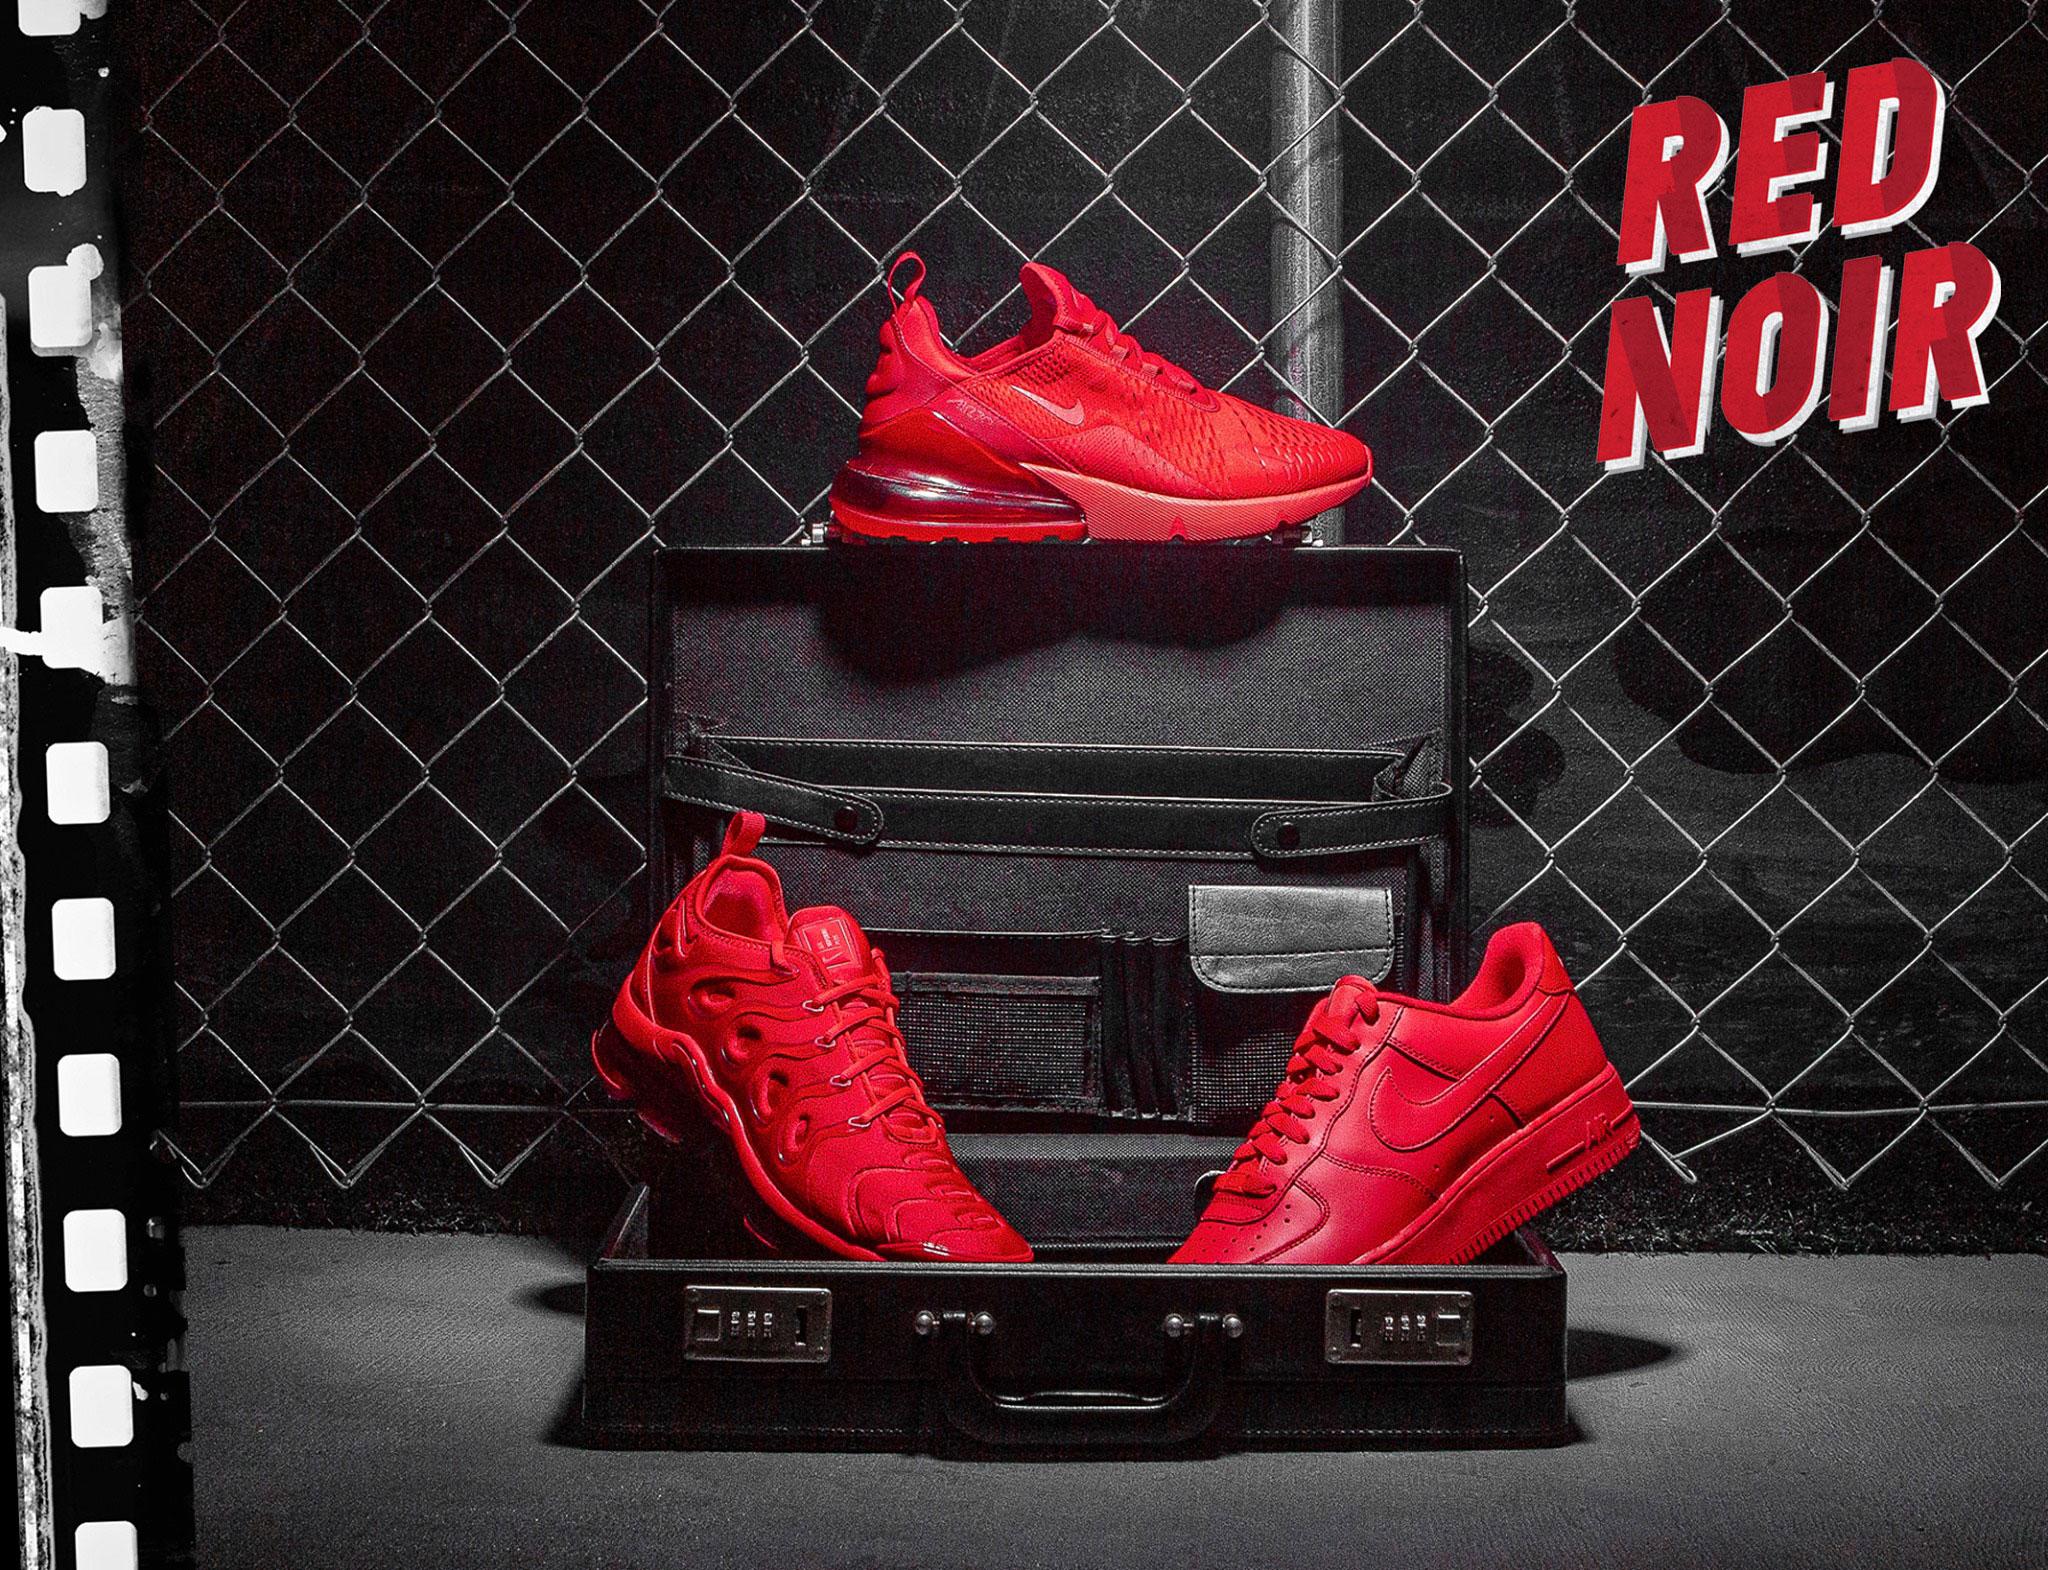 nike-red-noir-sneaker-pack